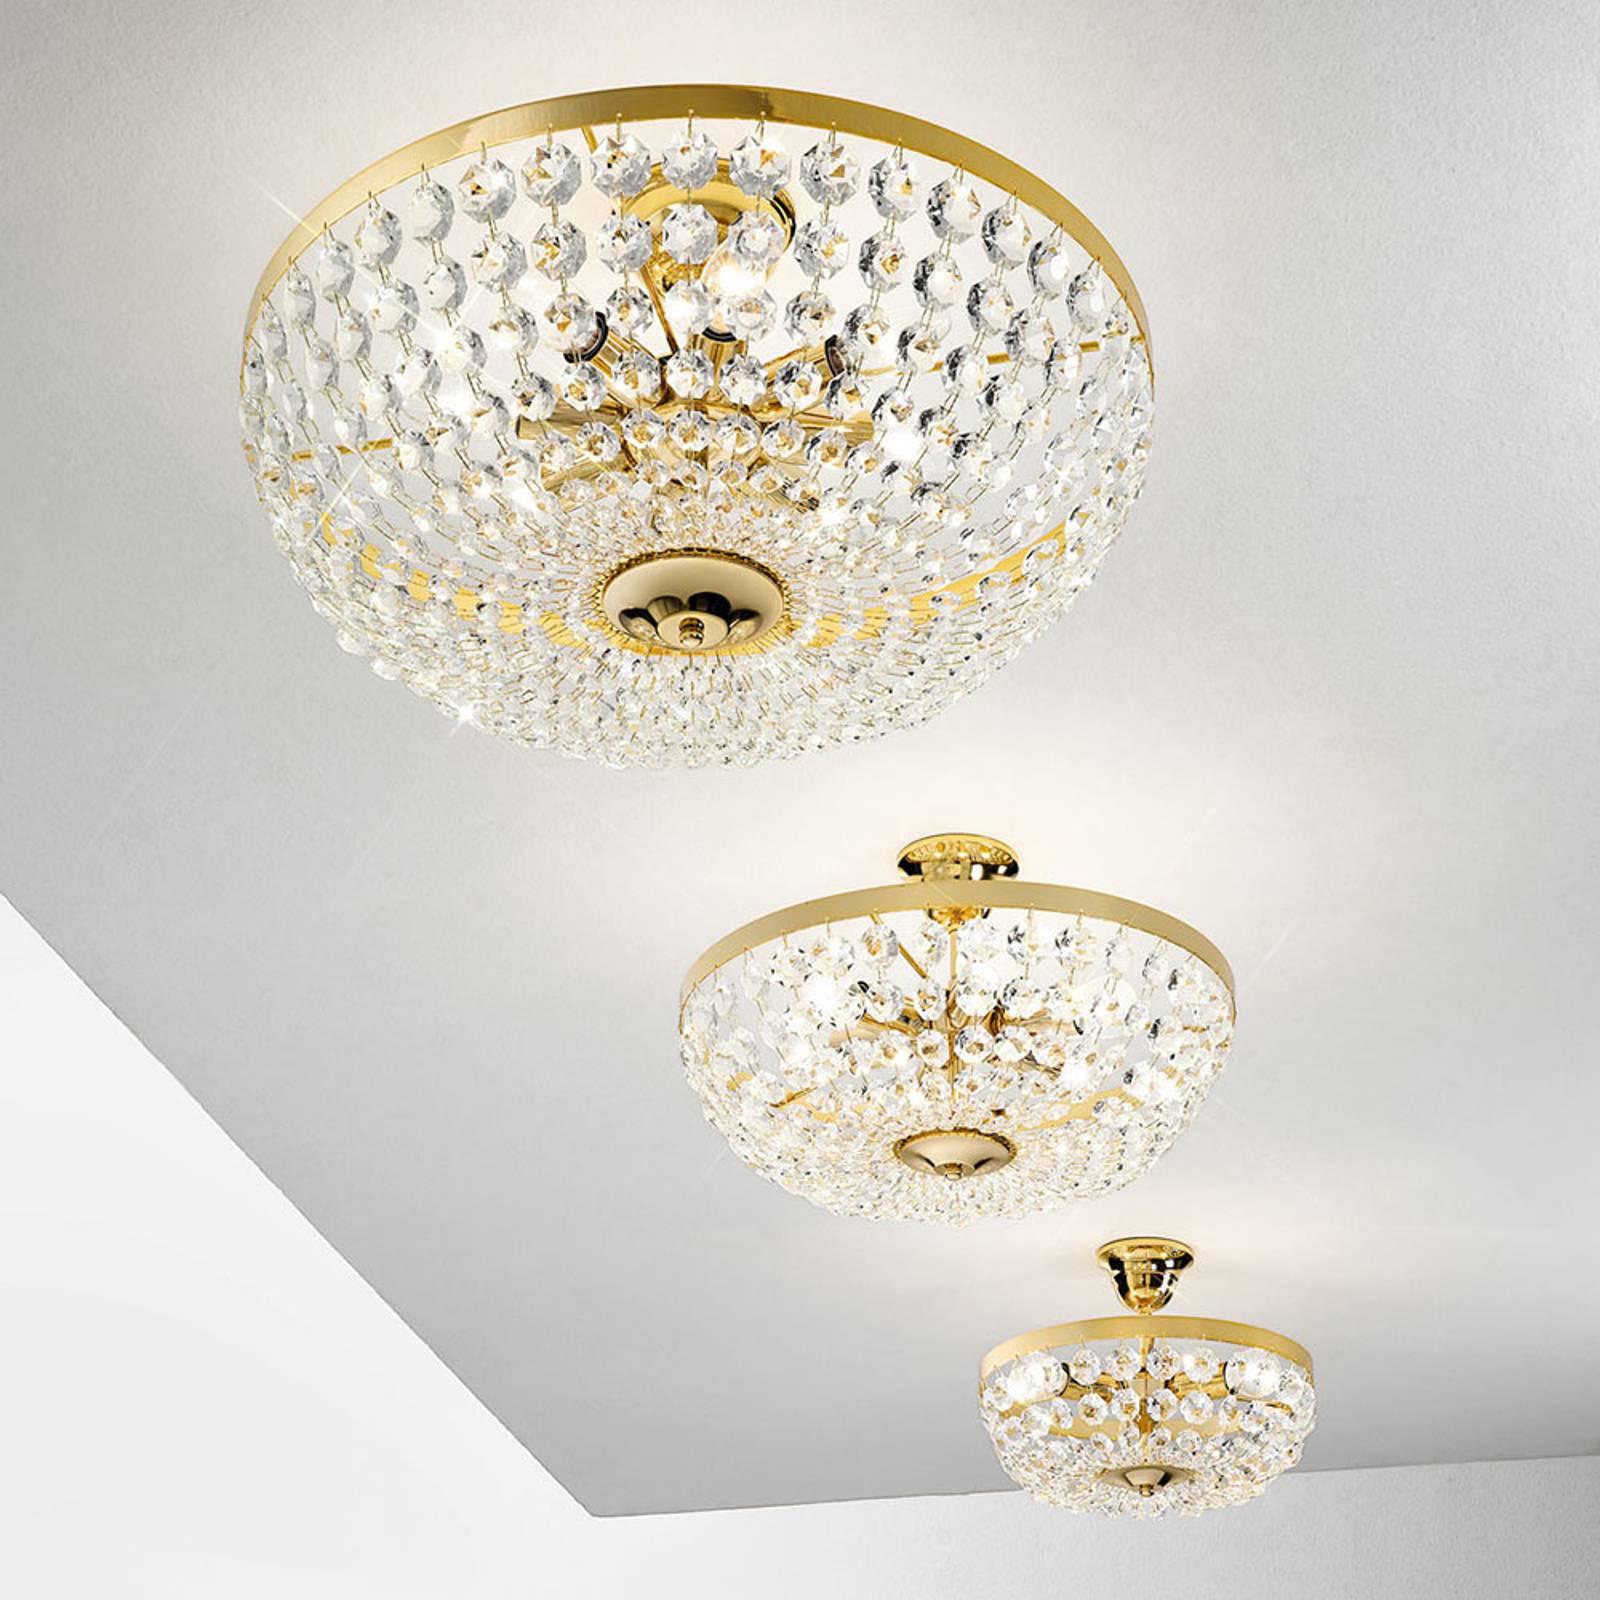 Lampa sufitowa Valerie, złota, Ø 30 cm